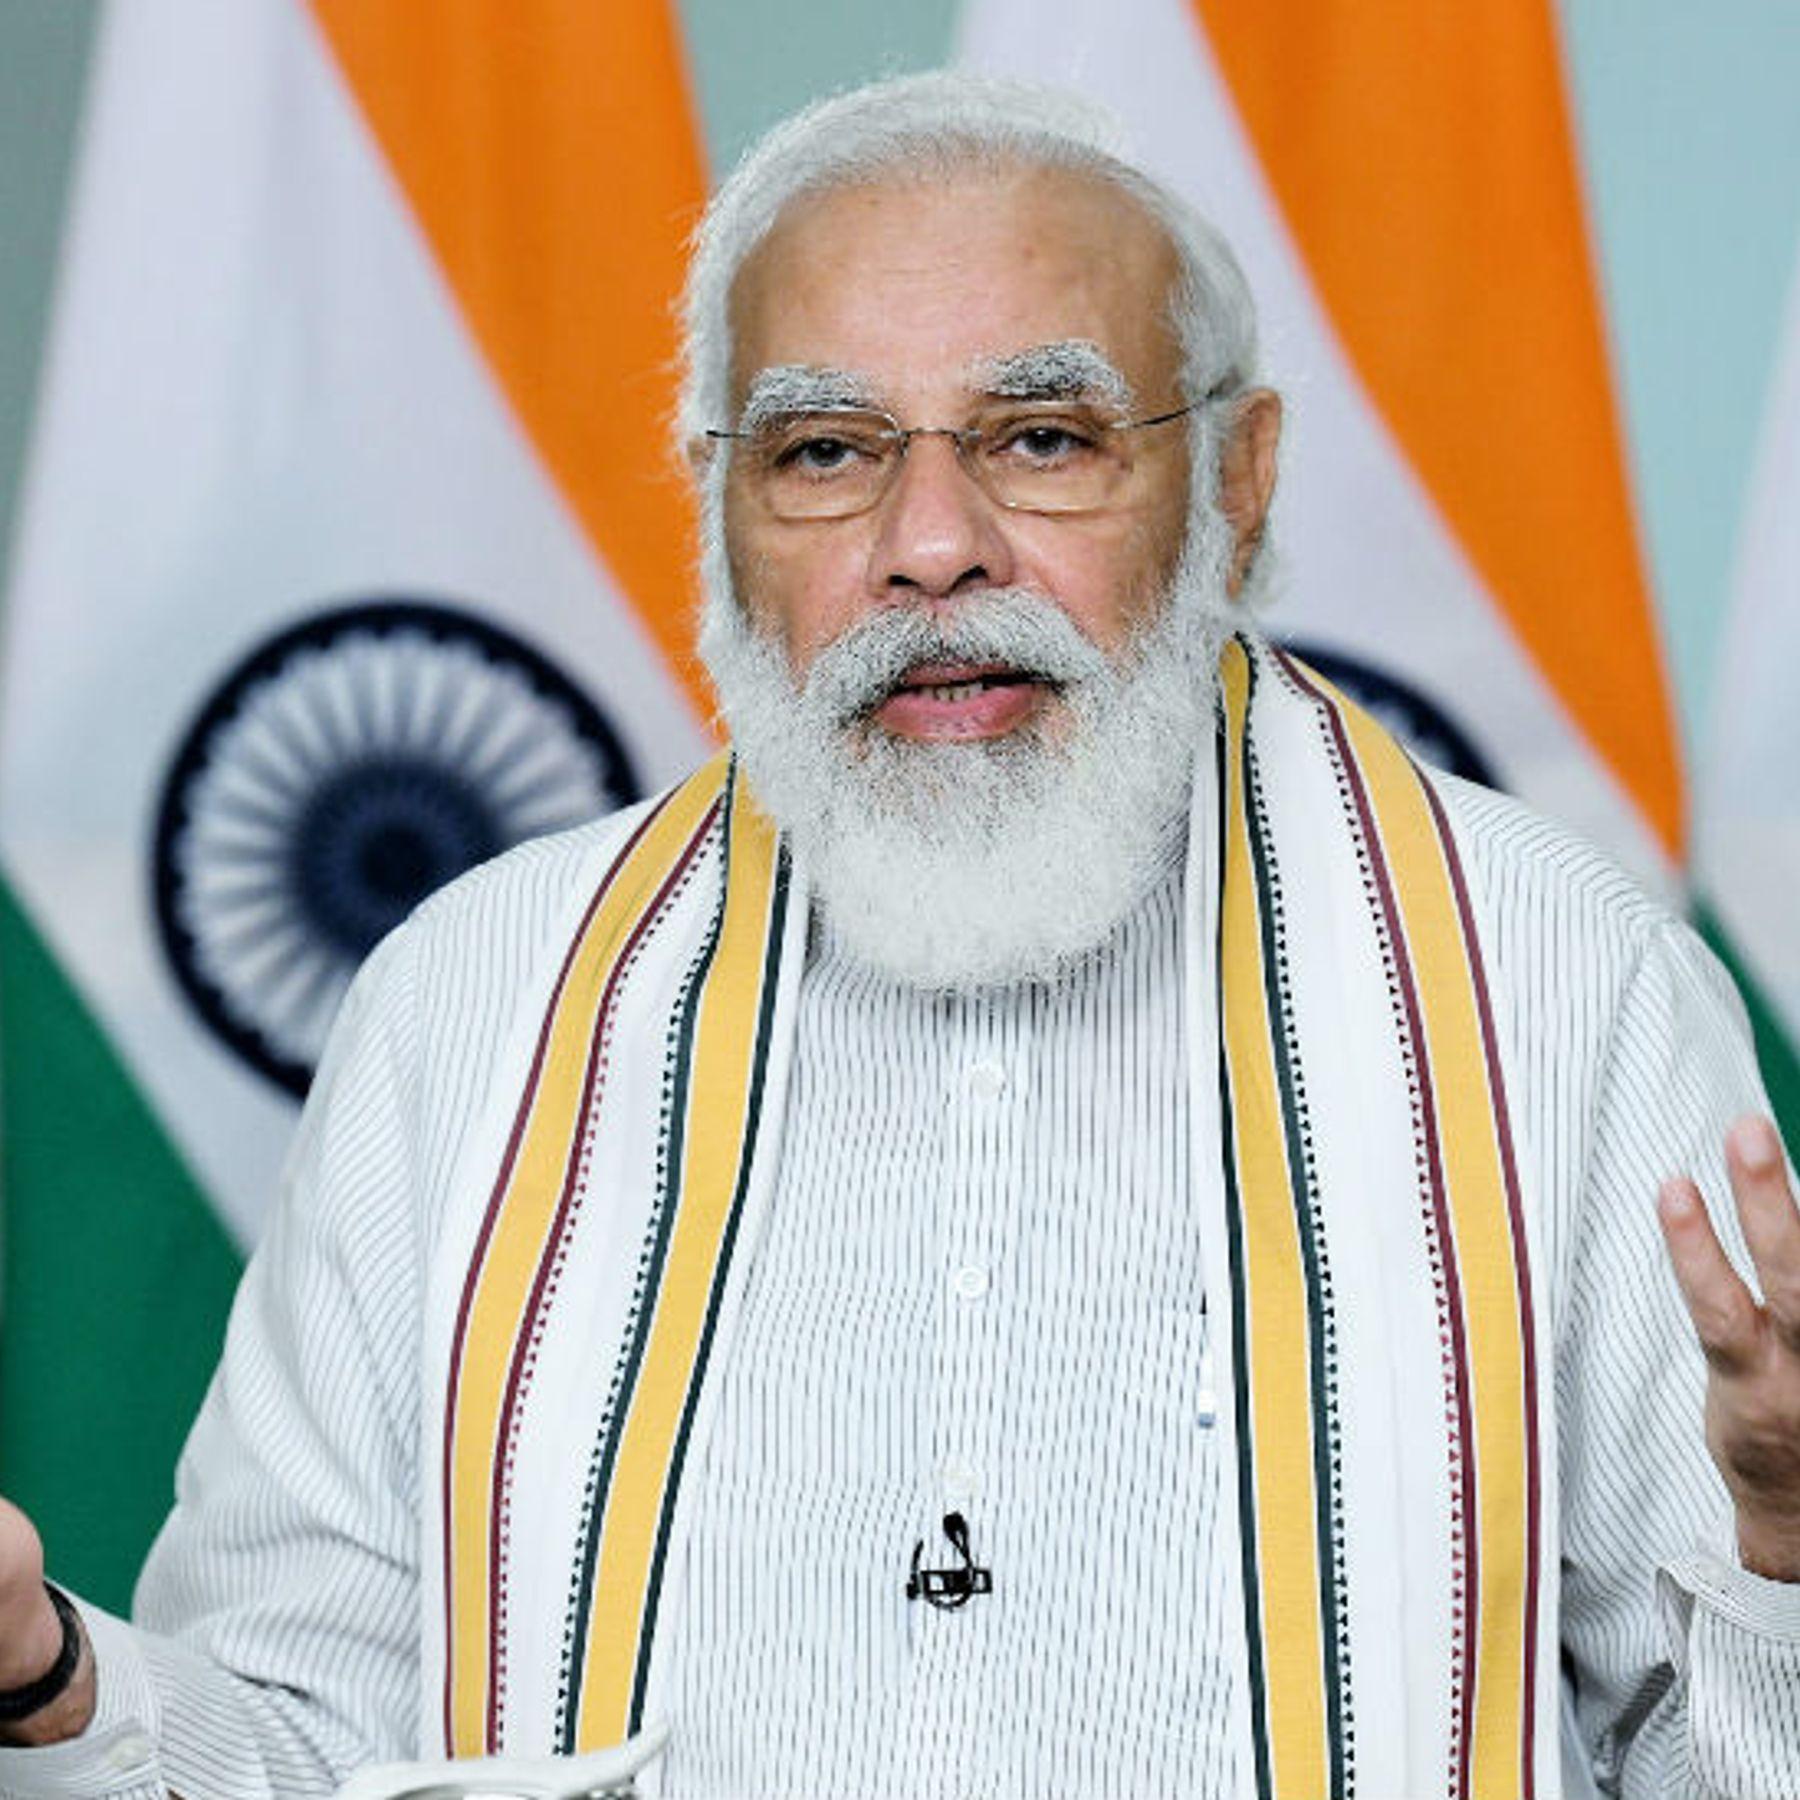 PM मोदी की अध्यक्षता में 259 सदस्यों की हाईलेवल कमेटी बनी, इसमें सोनिया, ममता समेत विपक्ष के कई दिग्गज शामिल|देश,National - Dainik Bhaskar